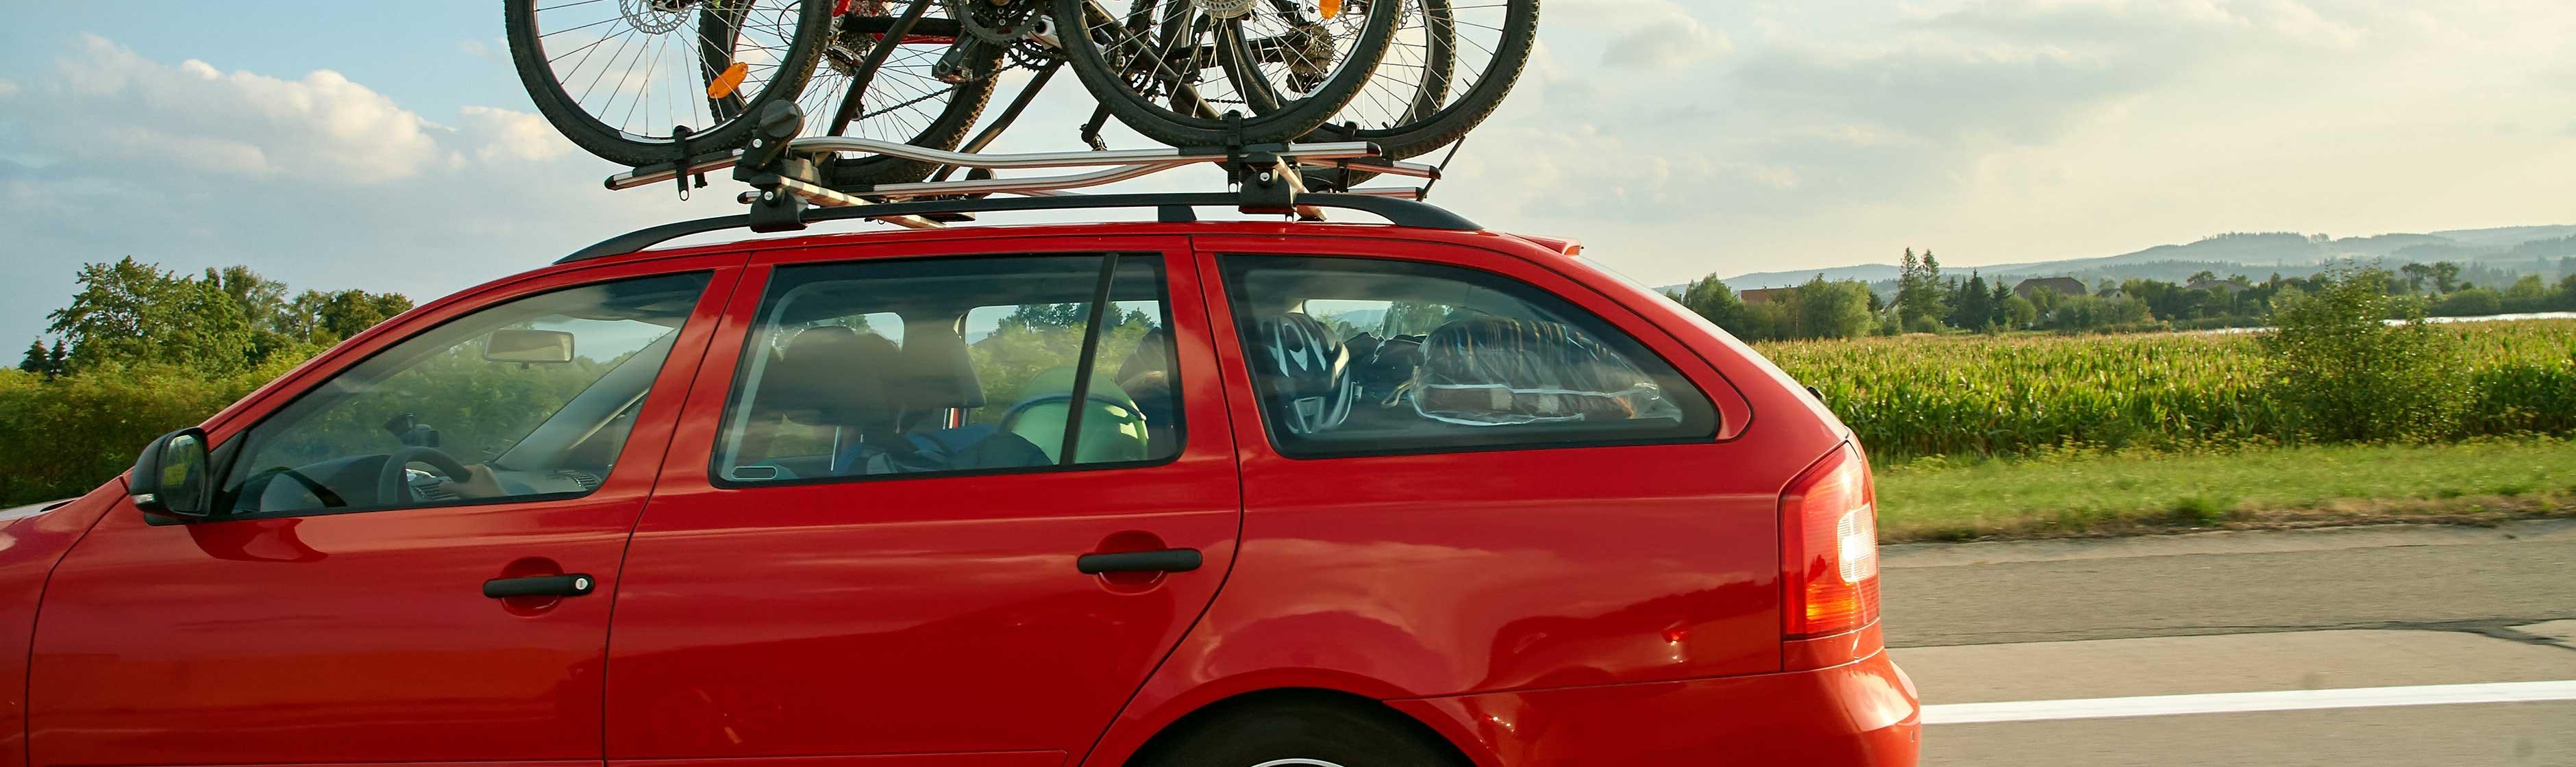 Met uw fiets erop uit